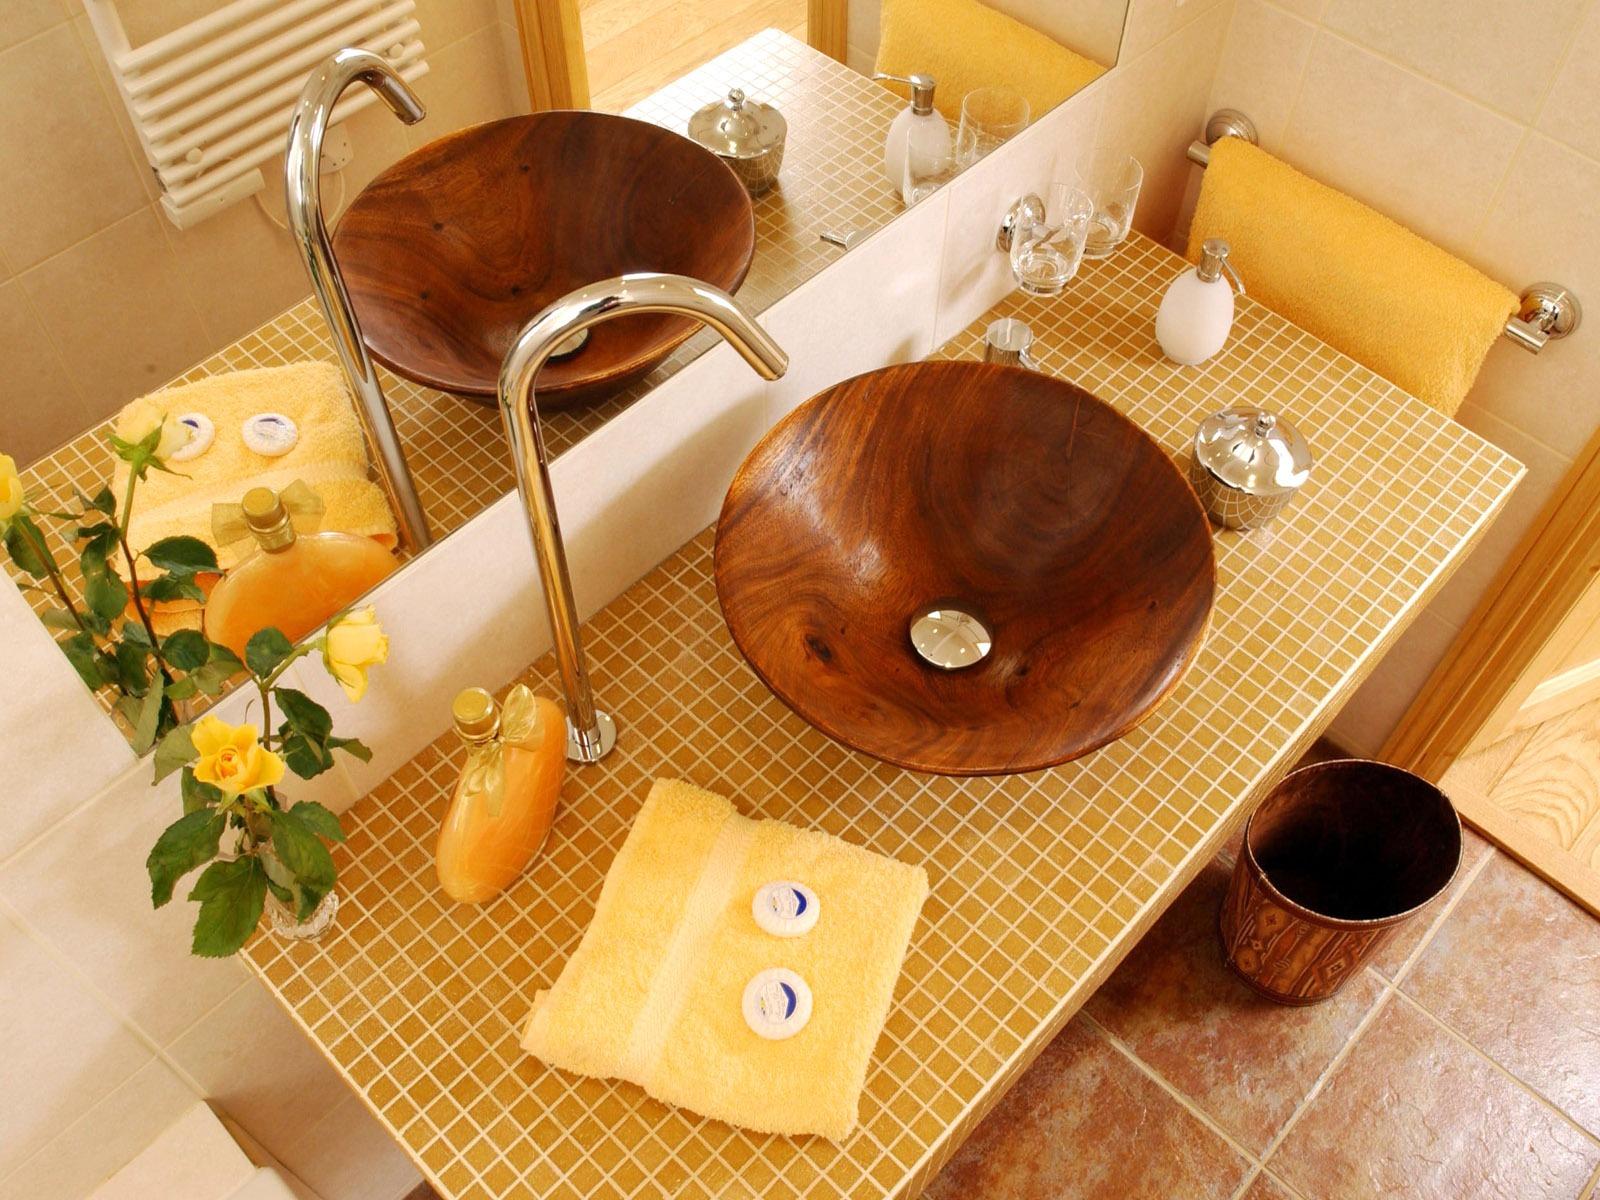 fond d 39 cran photo salle de bain 2 16 1600x1200 fond d 39 cran t l charger fond d 39 cran. Black Bedroom Furniture Sets. Home Design Ideas